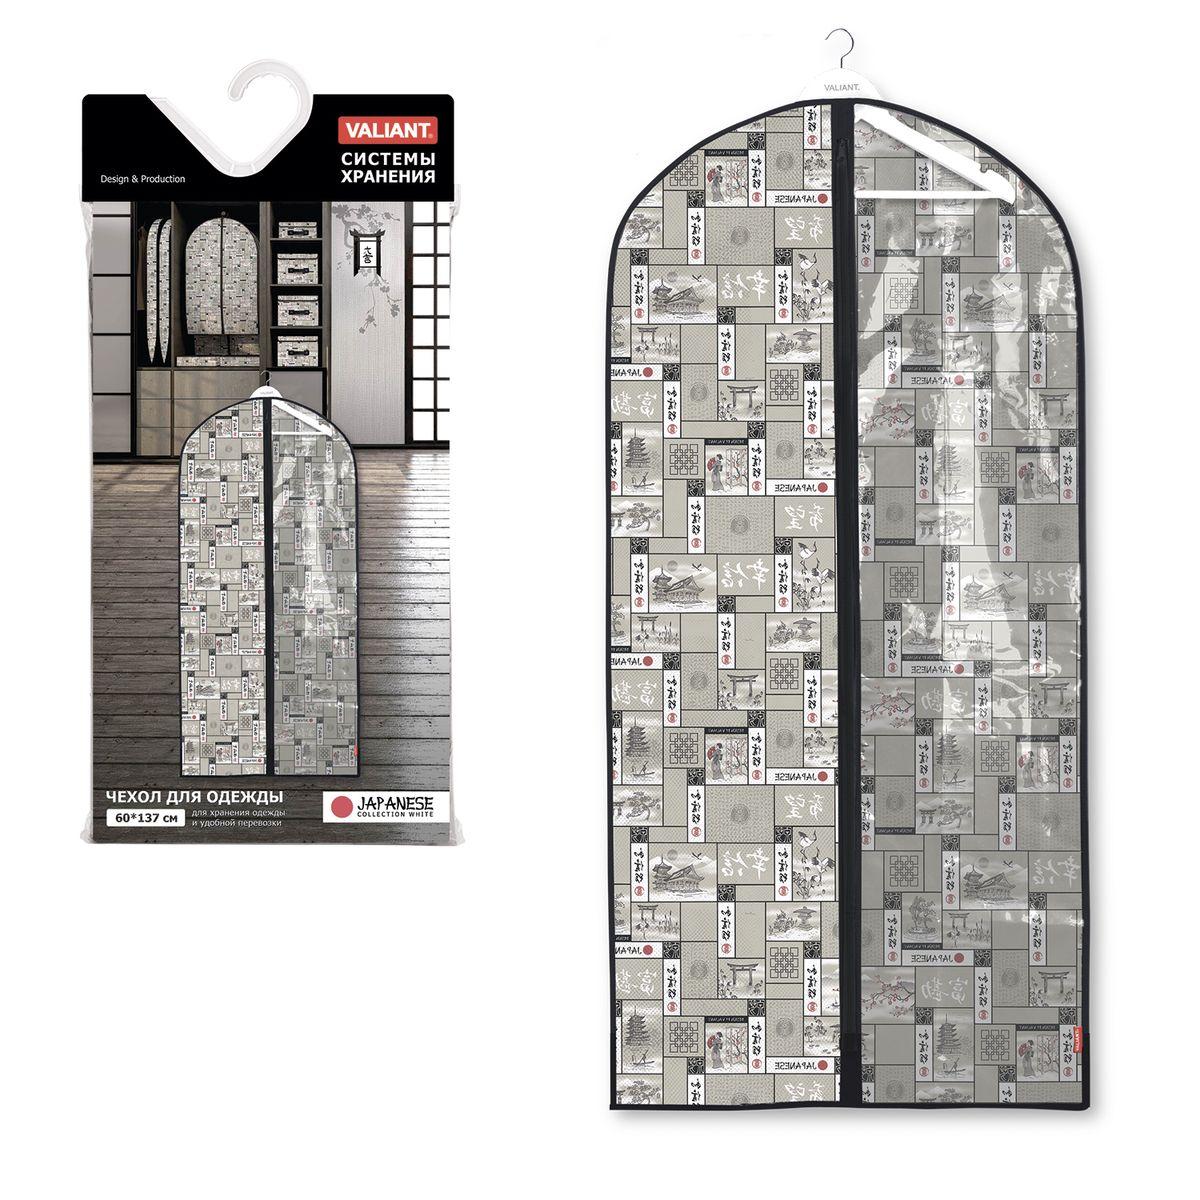 Чехол для одежды Valiant Japanese Black, с прозрачной вставкой, 60 х 137 х 10 см10503Чехол для одежды Valiant Japanese Black изготовлен из высококачественного нетканого материала, который обеспечивает естественную вентиляцию, позволяя воздуху проникать внутрь, но не пропускает пыль. Чехол очень удобен в использовании. Специальная прозрачная вставка позволяет видеть содержимое внутри чехла, не открывая его. Чехол легко открывается и закрывается застежкой-молнией. Идеально подойдет для хранения одежды и удобной перевозки.